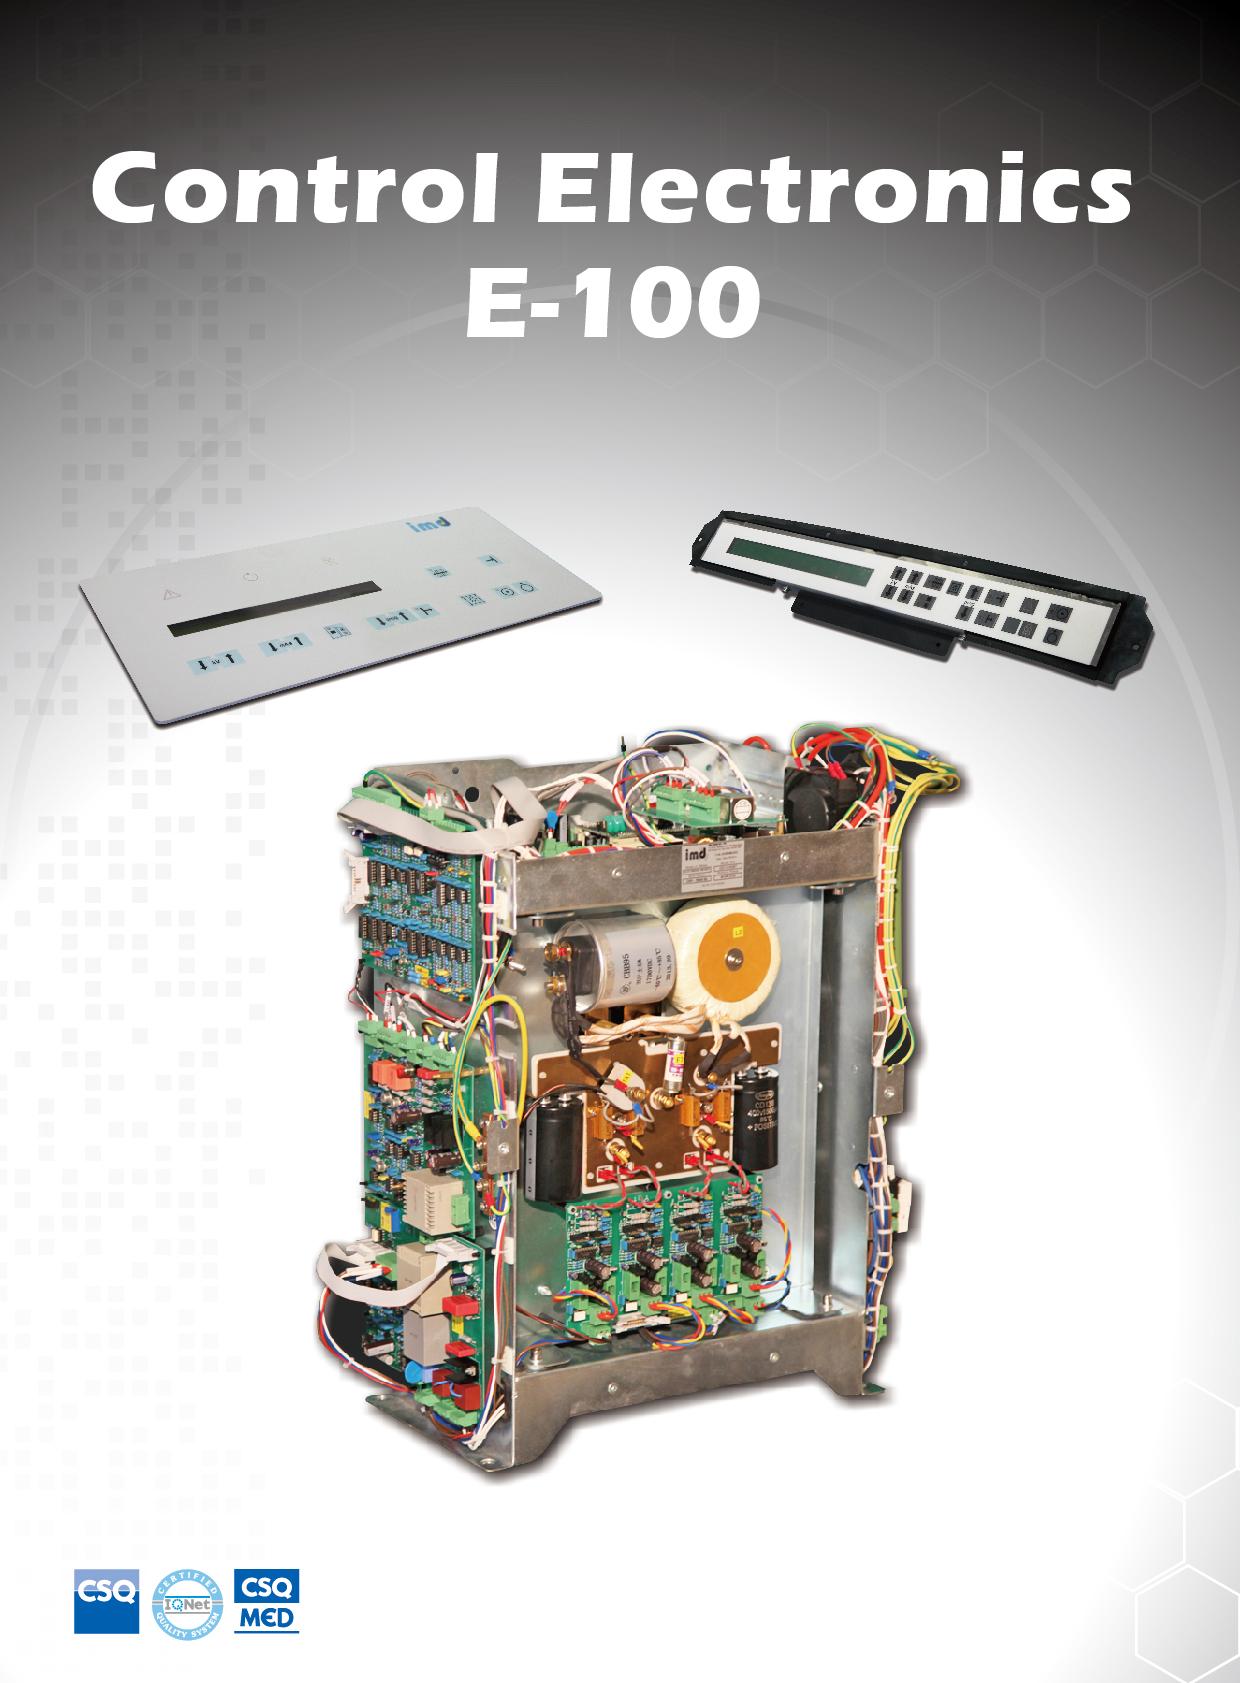 E-100 control electronics